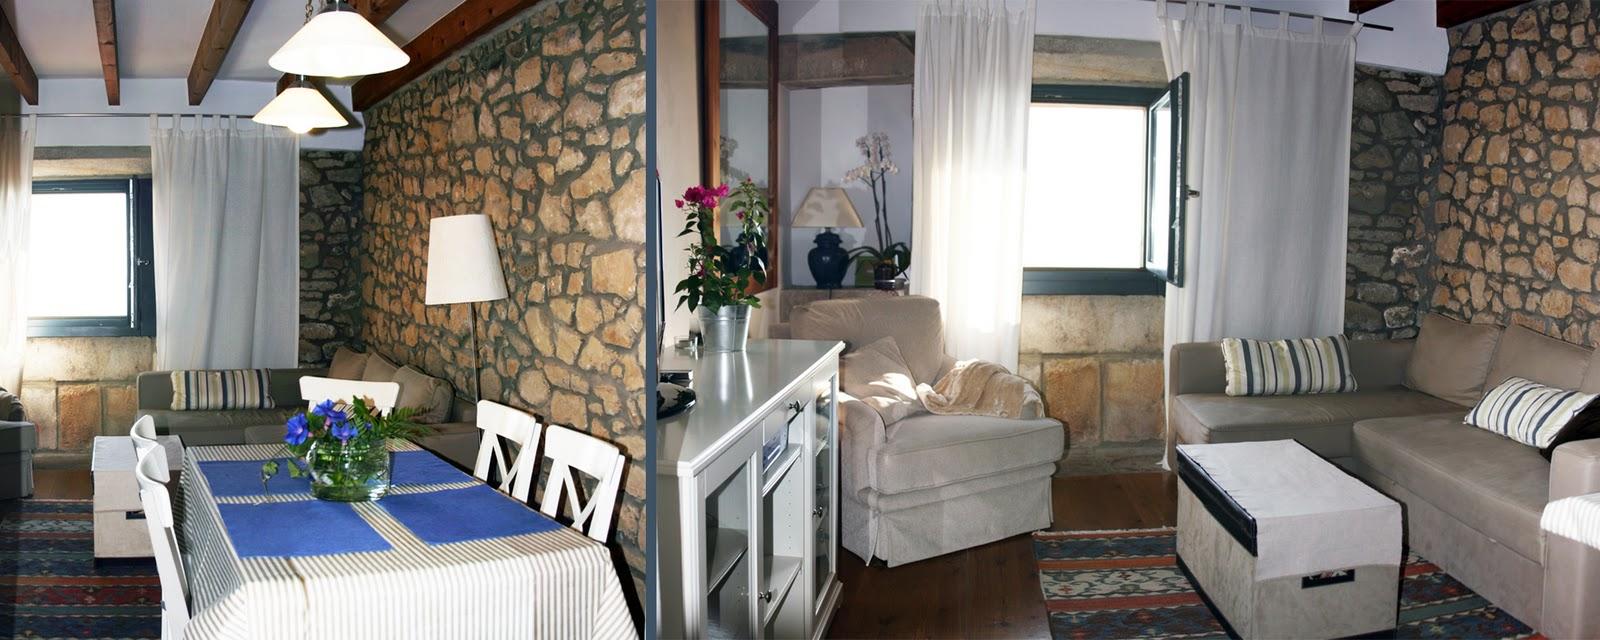 Casa rural en lastres la casona del piquero casa rural en asturias piquero 3 - Casas rurales en lastres ...